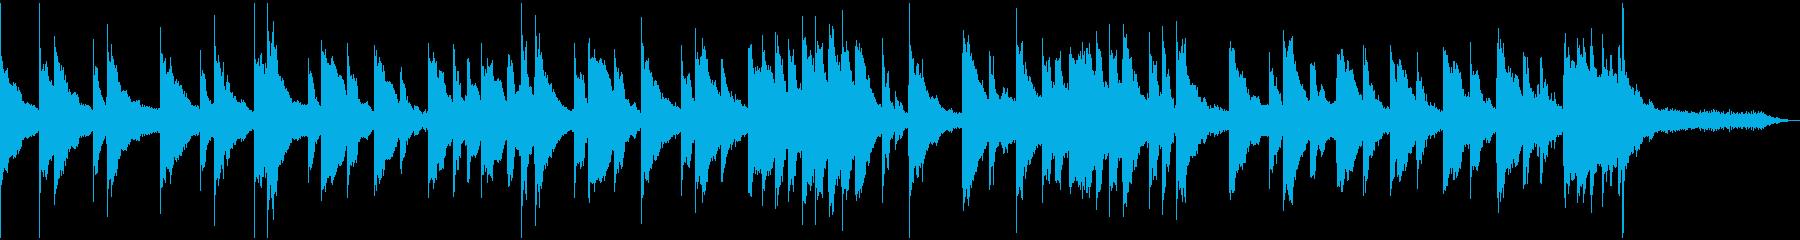 穏やかでひっそりとしたピアノ曲の再生済みの波形